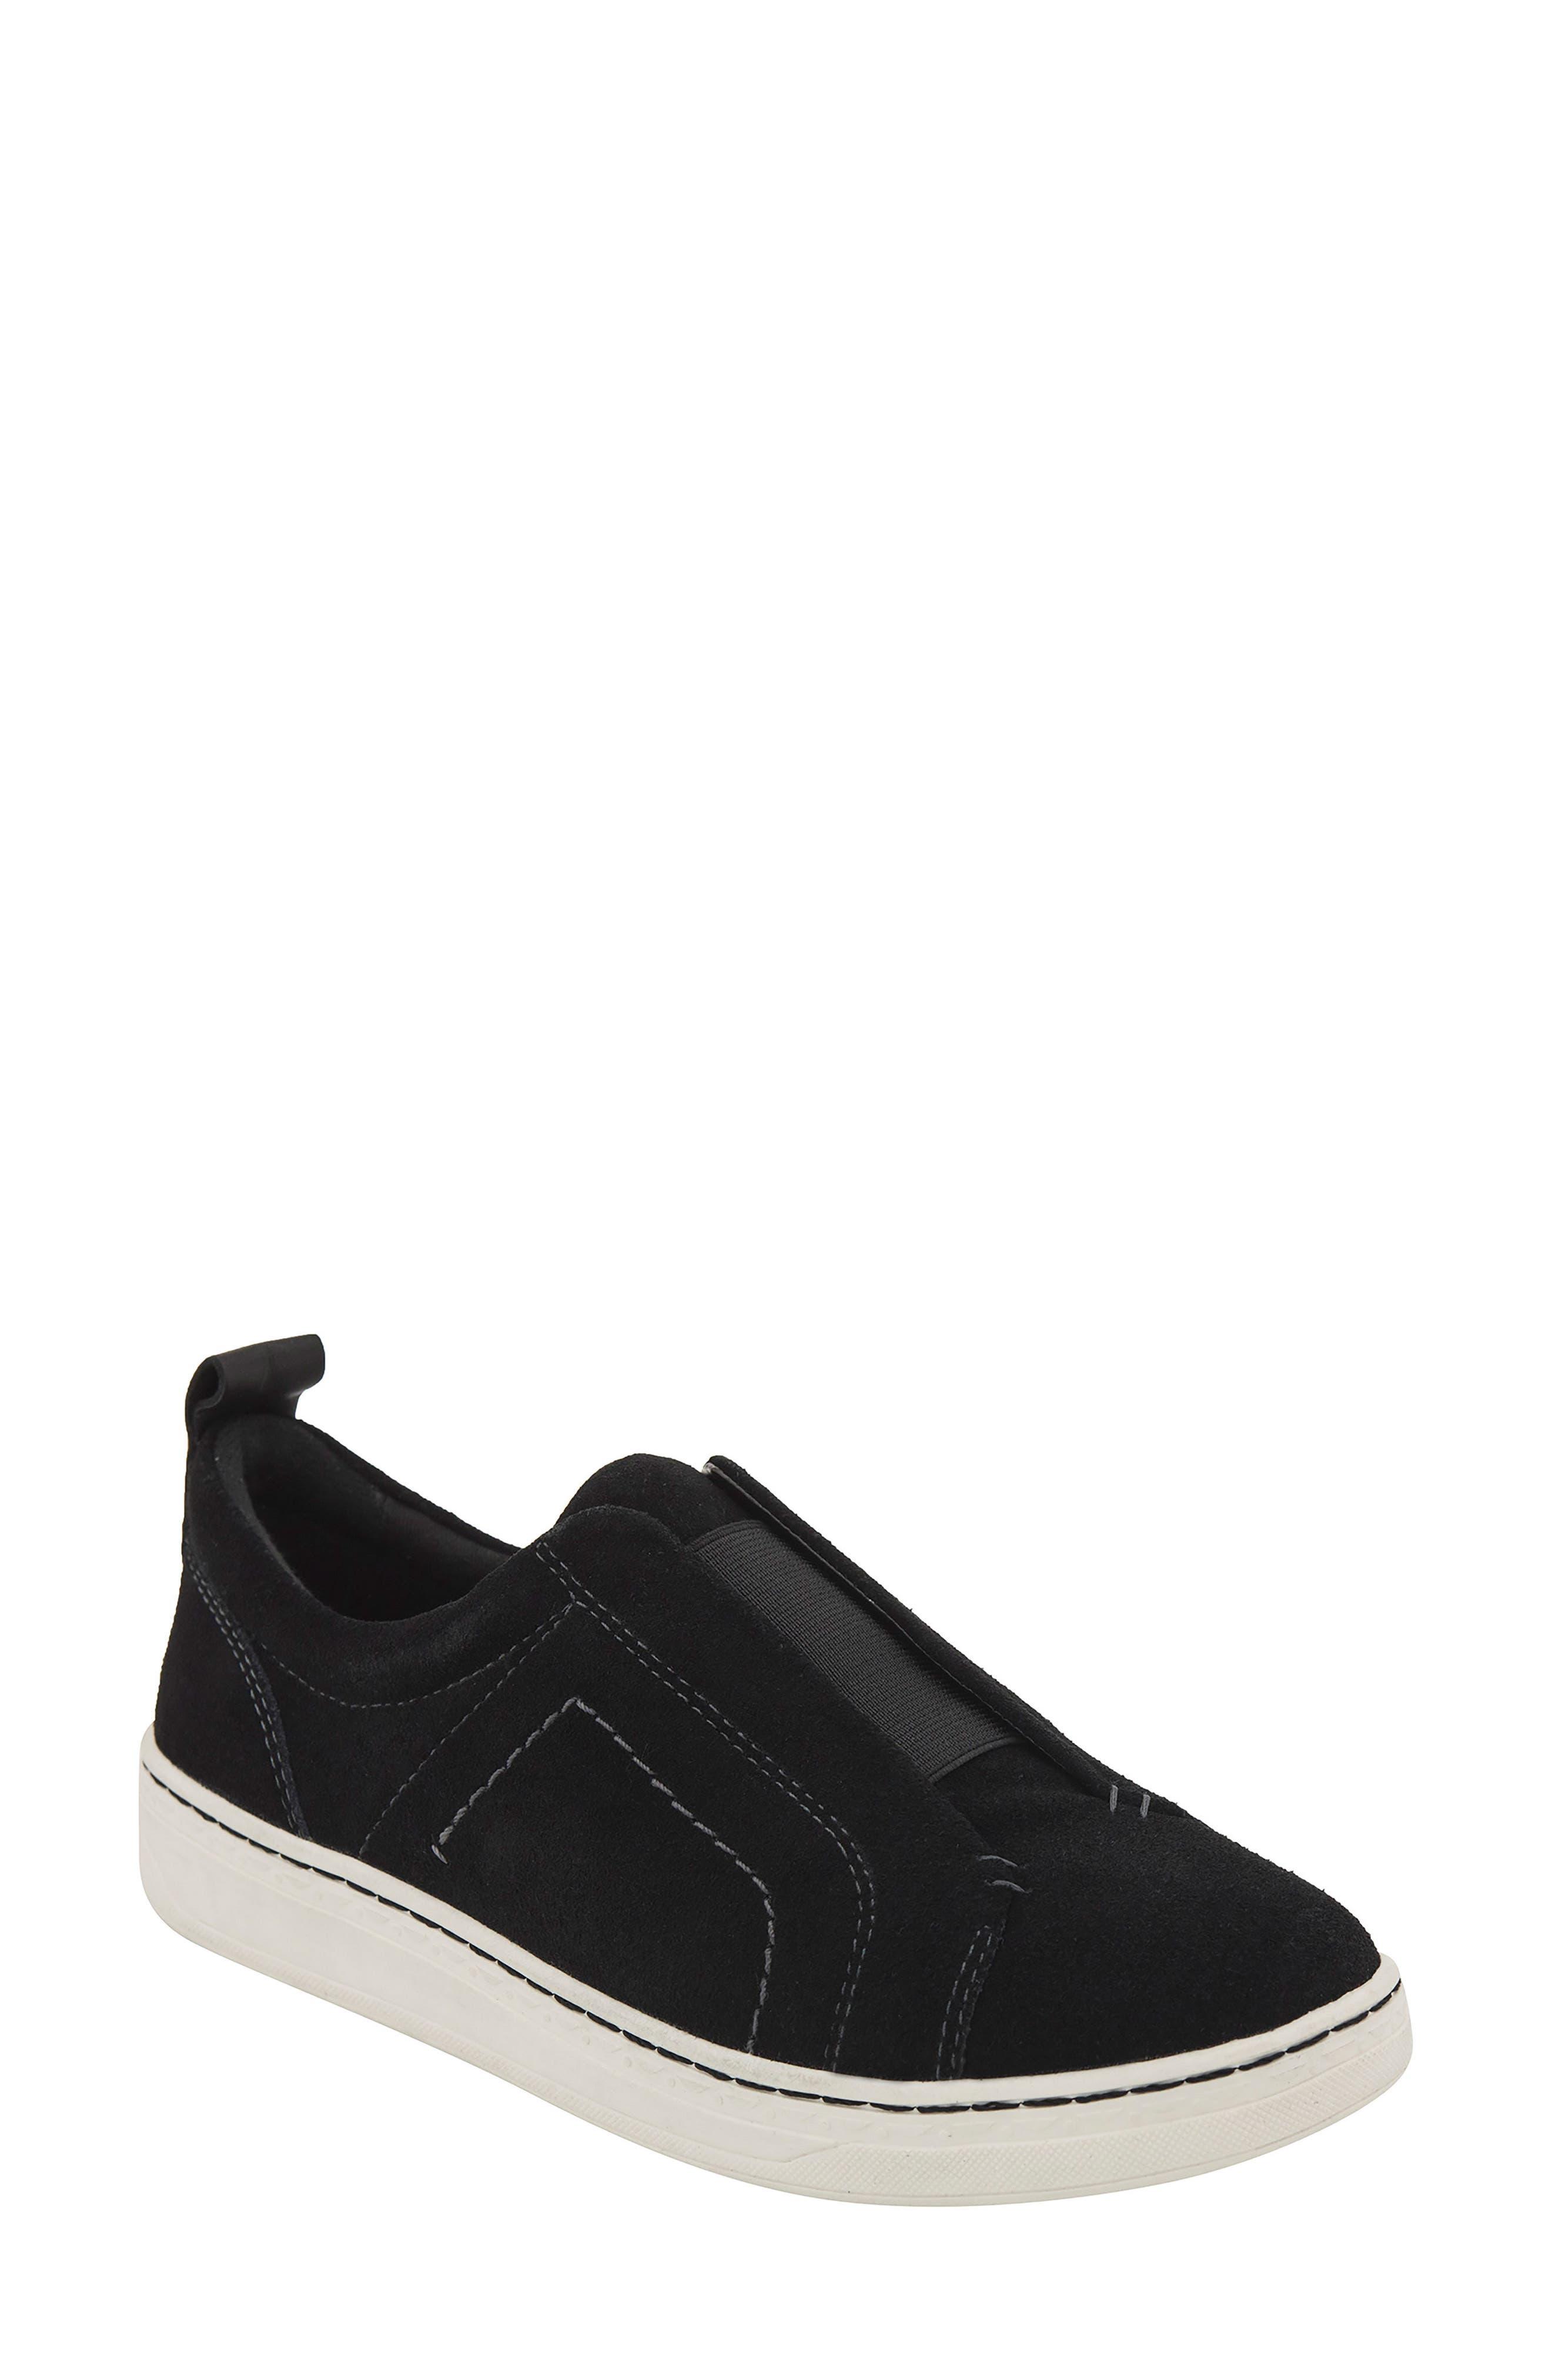 Zetta Slip-On Sneaker,                         Main,                         color,